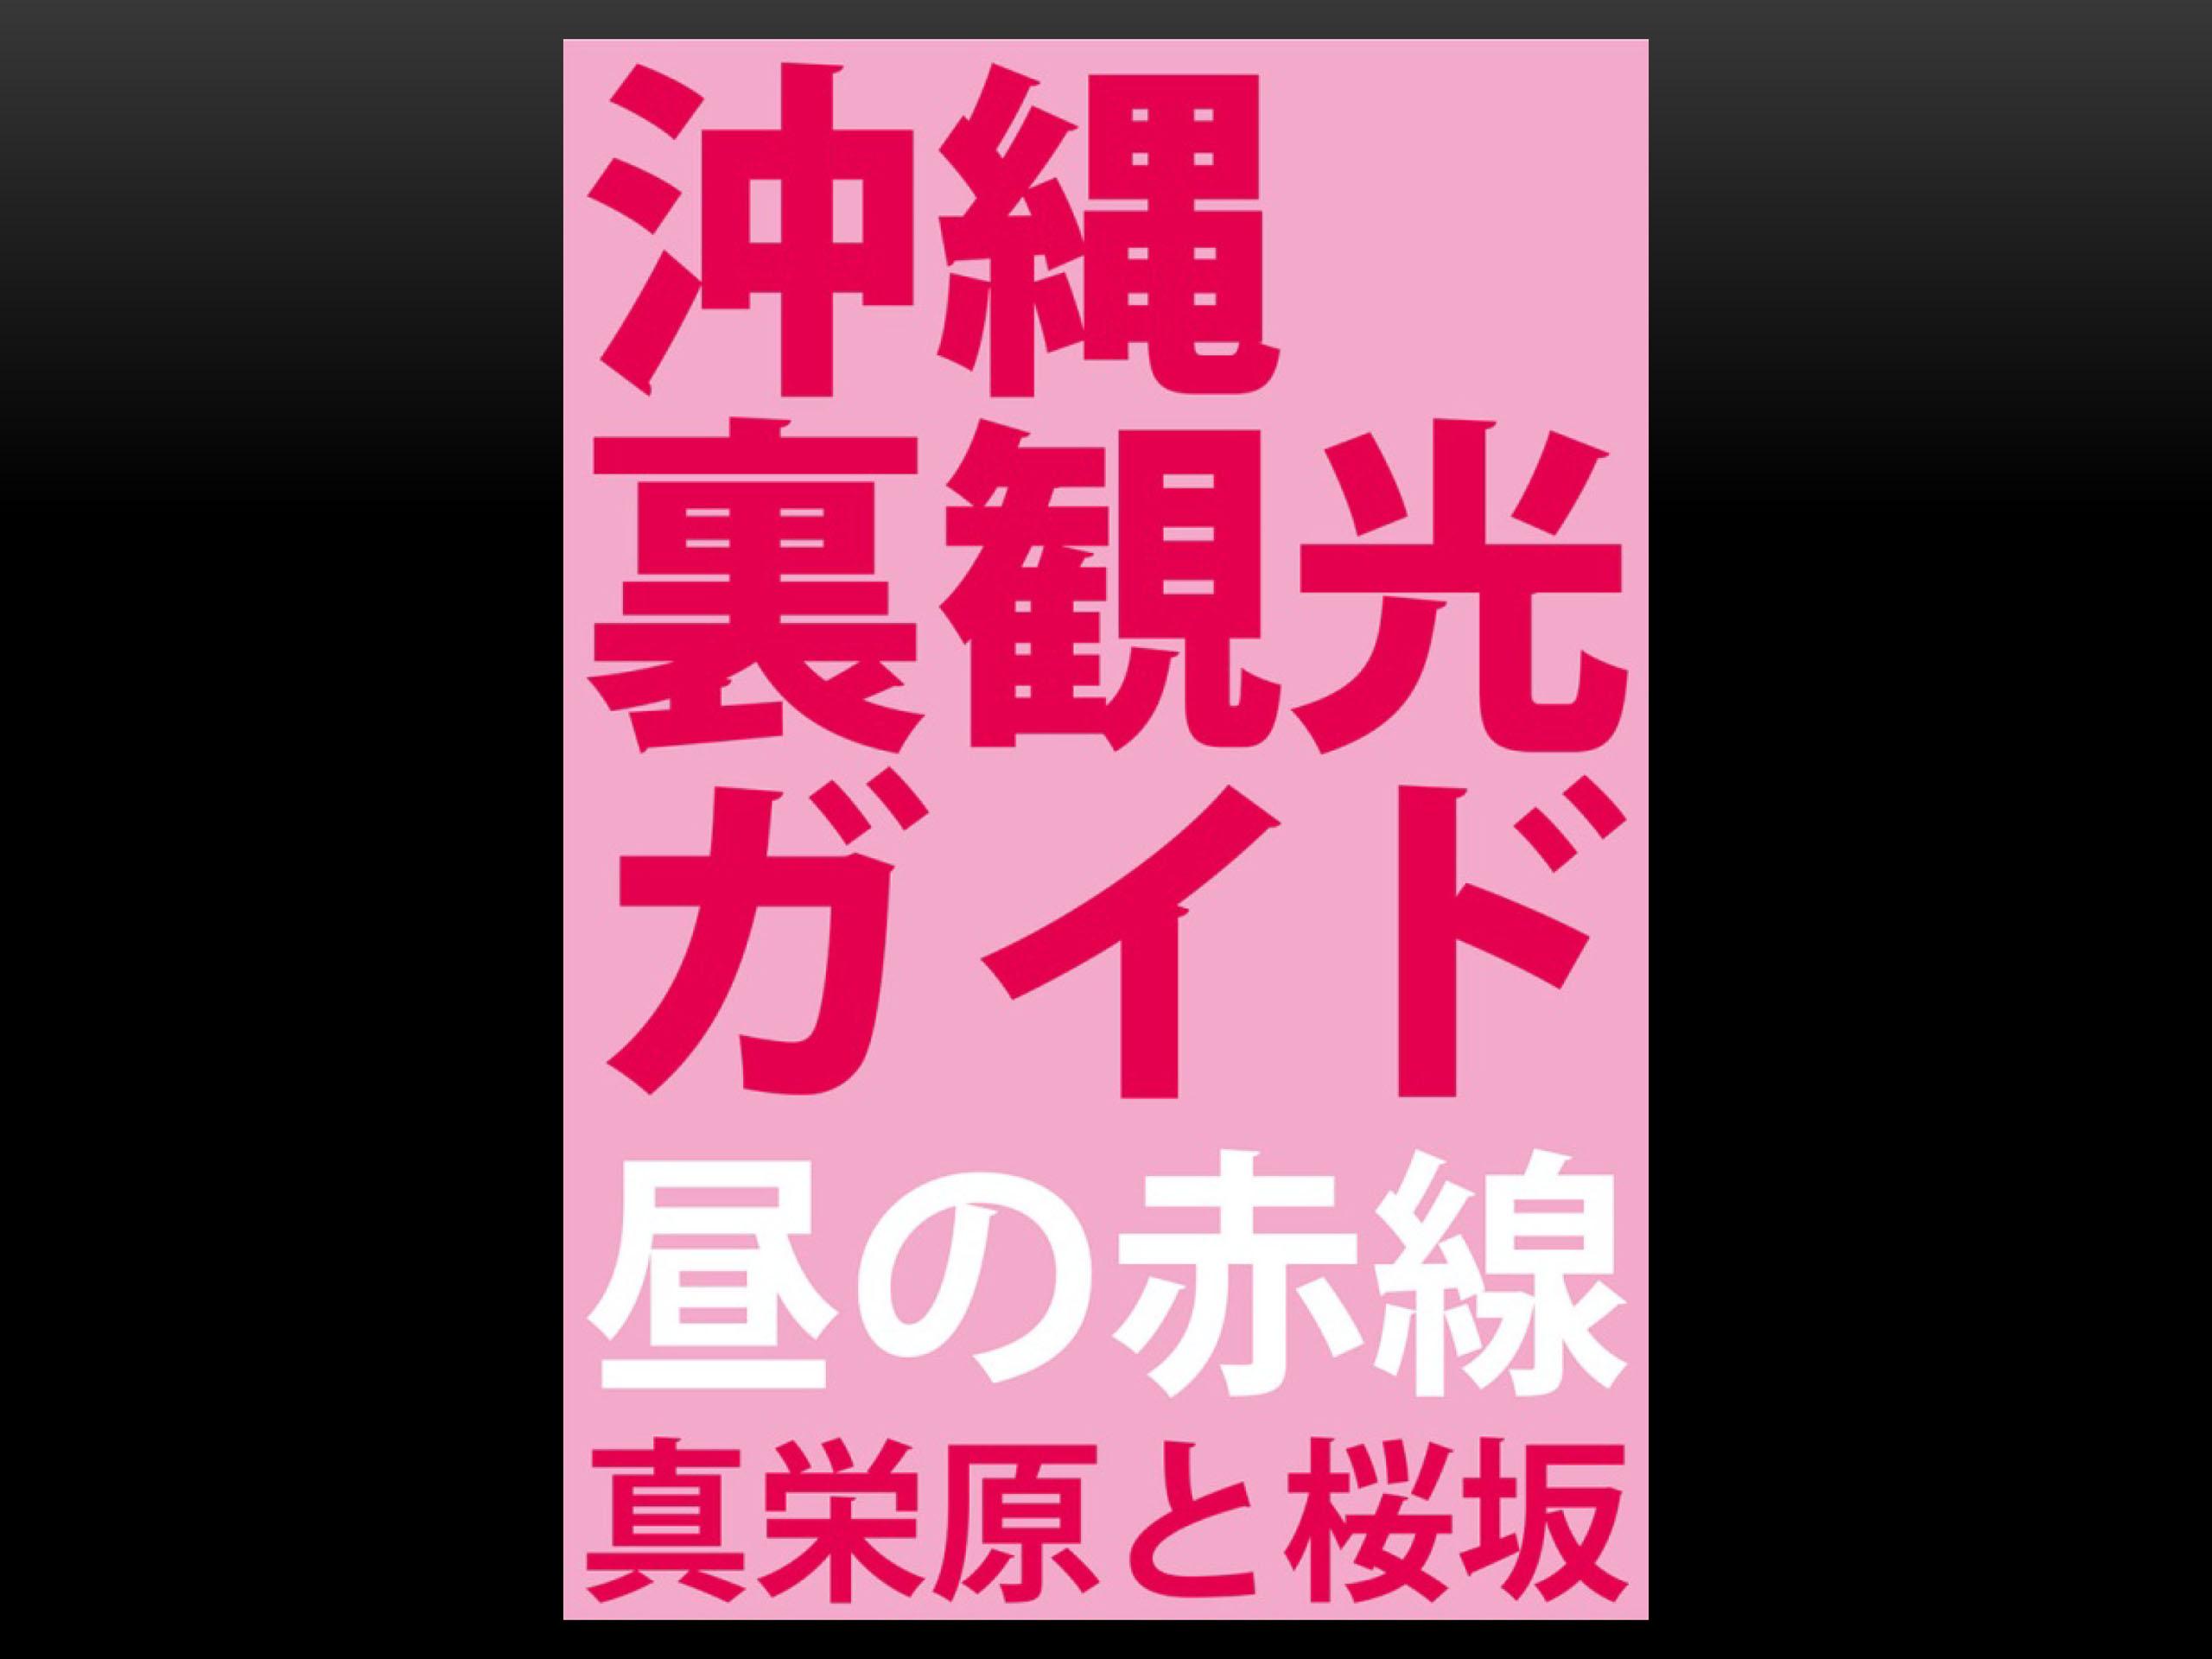 沖縄裏観光ガイド 昼の赤線 真栄原と桜坂